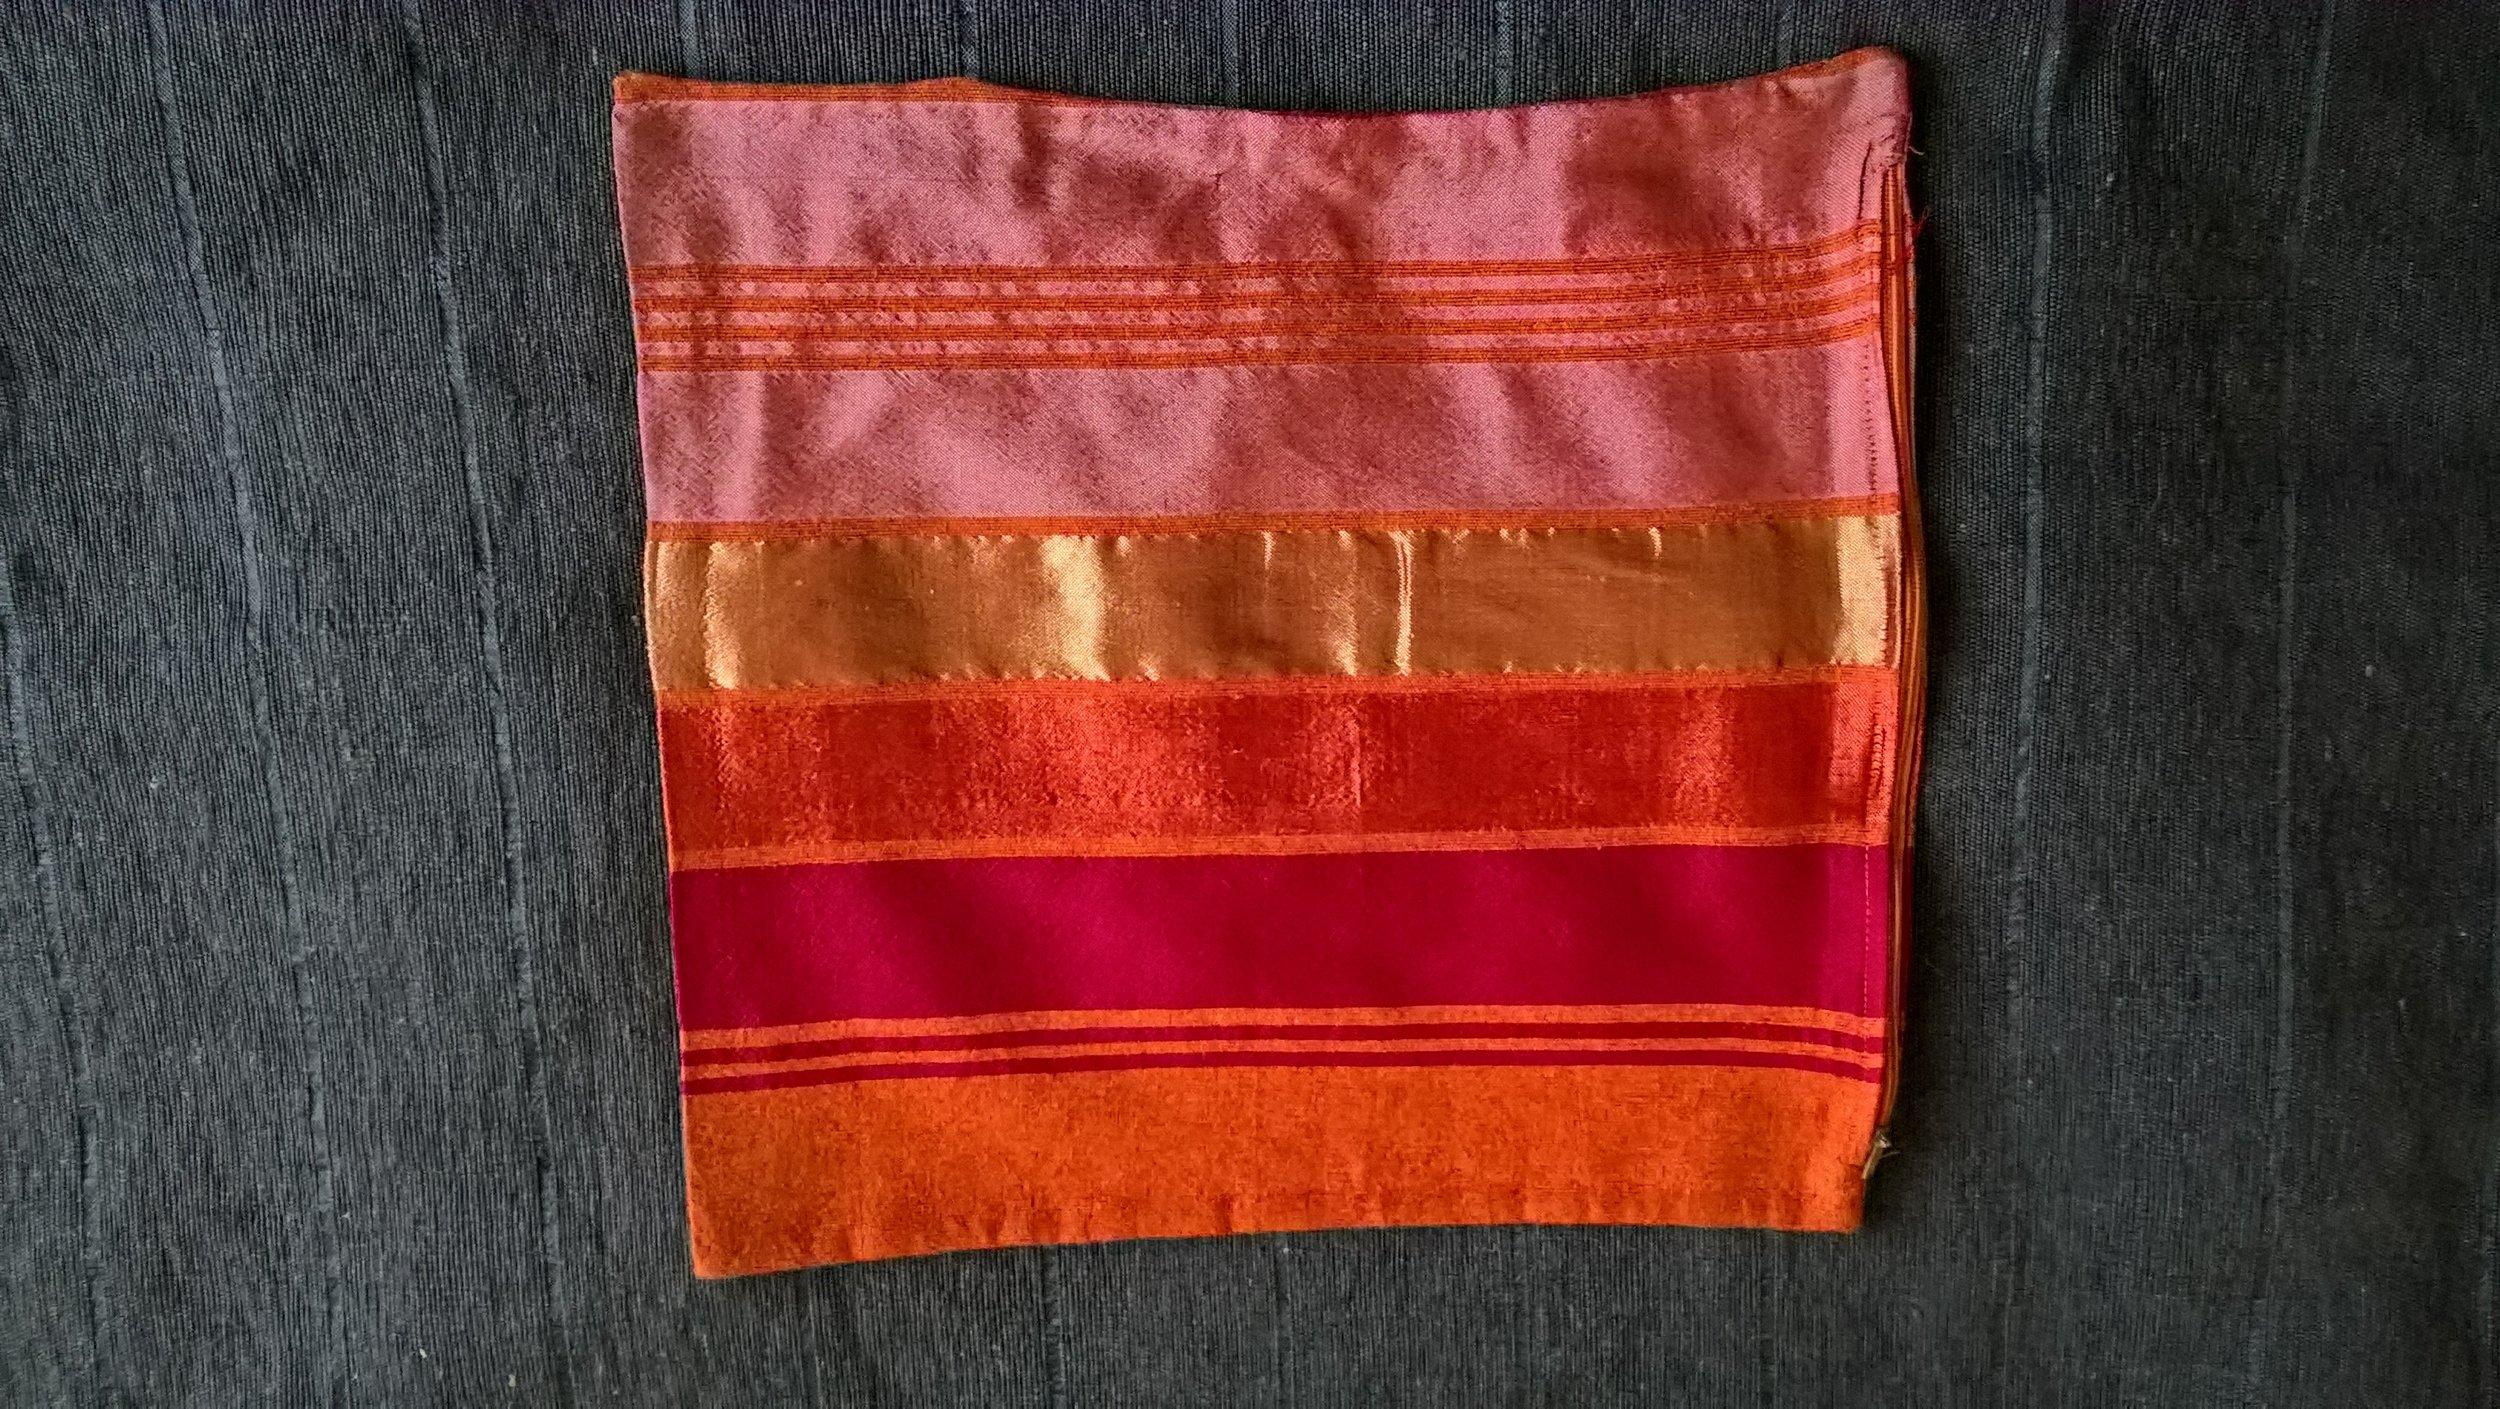 Puder i varme friske farver 45 x 45 cm 1 stk. pude med inderpude (dun) kr. 275,- 1 stk. pudebetræk uden inderpude kr. 175,- 3 stk. pudebetræk kr. 450,- (mix gerne) Varenr. P1635-01-orange